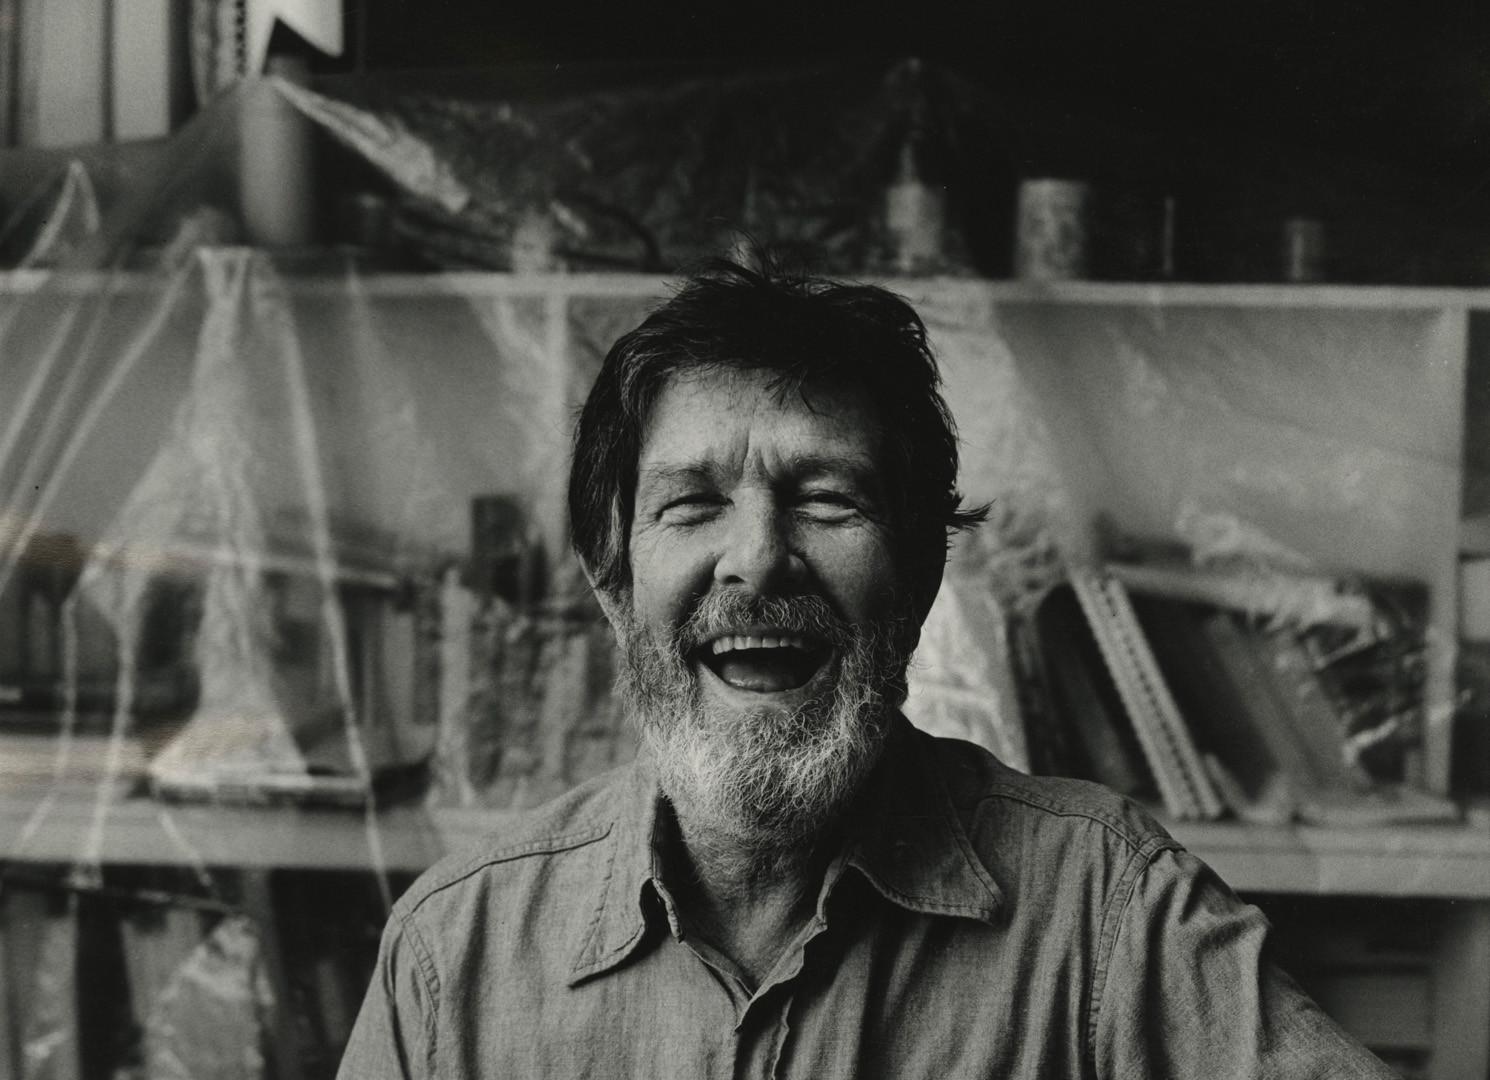 Peter Hujar, John Cage Laughing (I), 1974